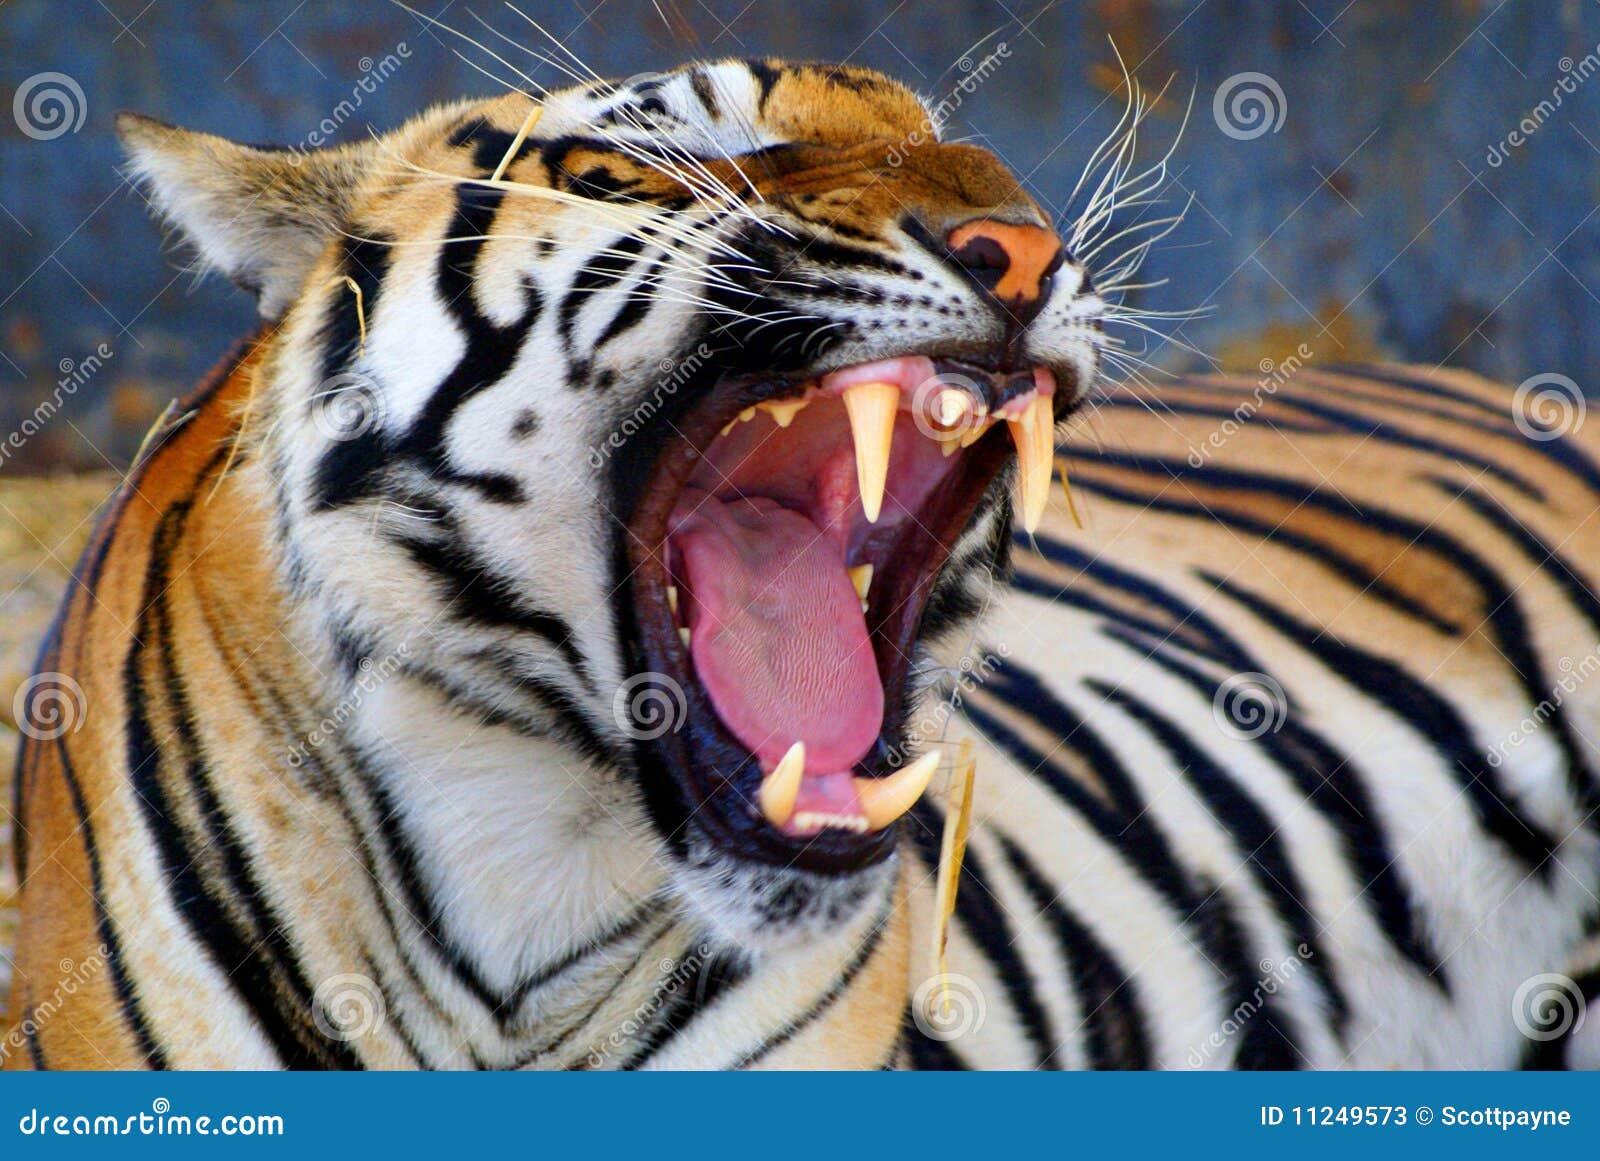 Dents de tigres image stock image du nature repos dents - Images tigres gratuites ...